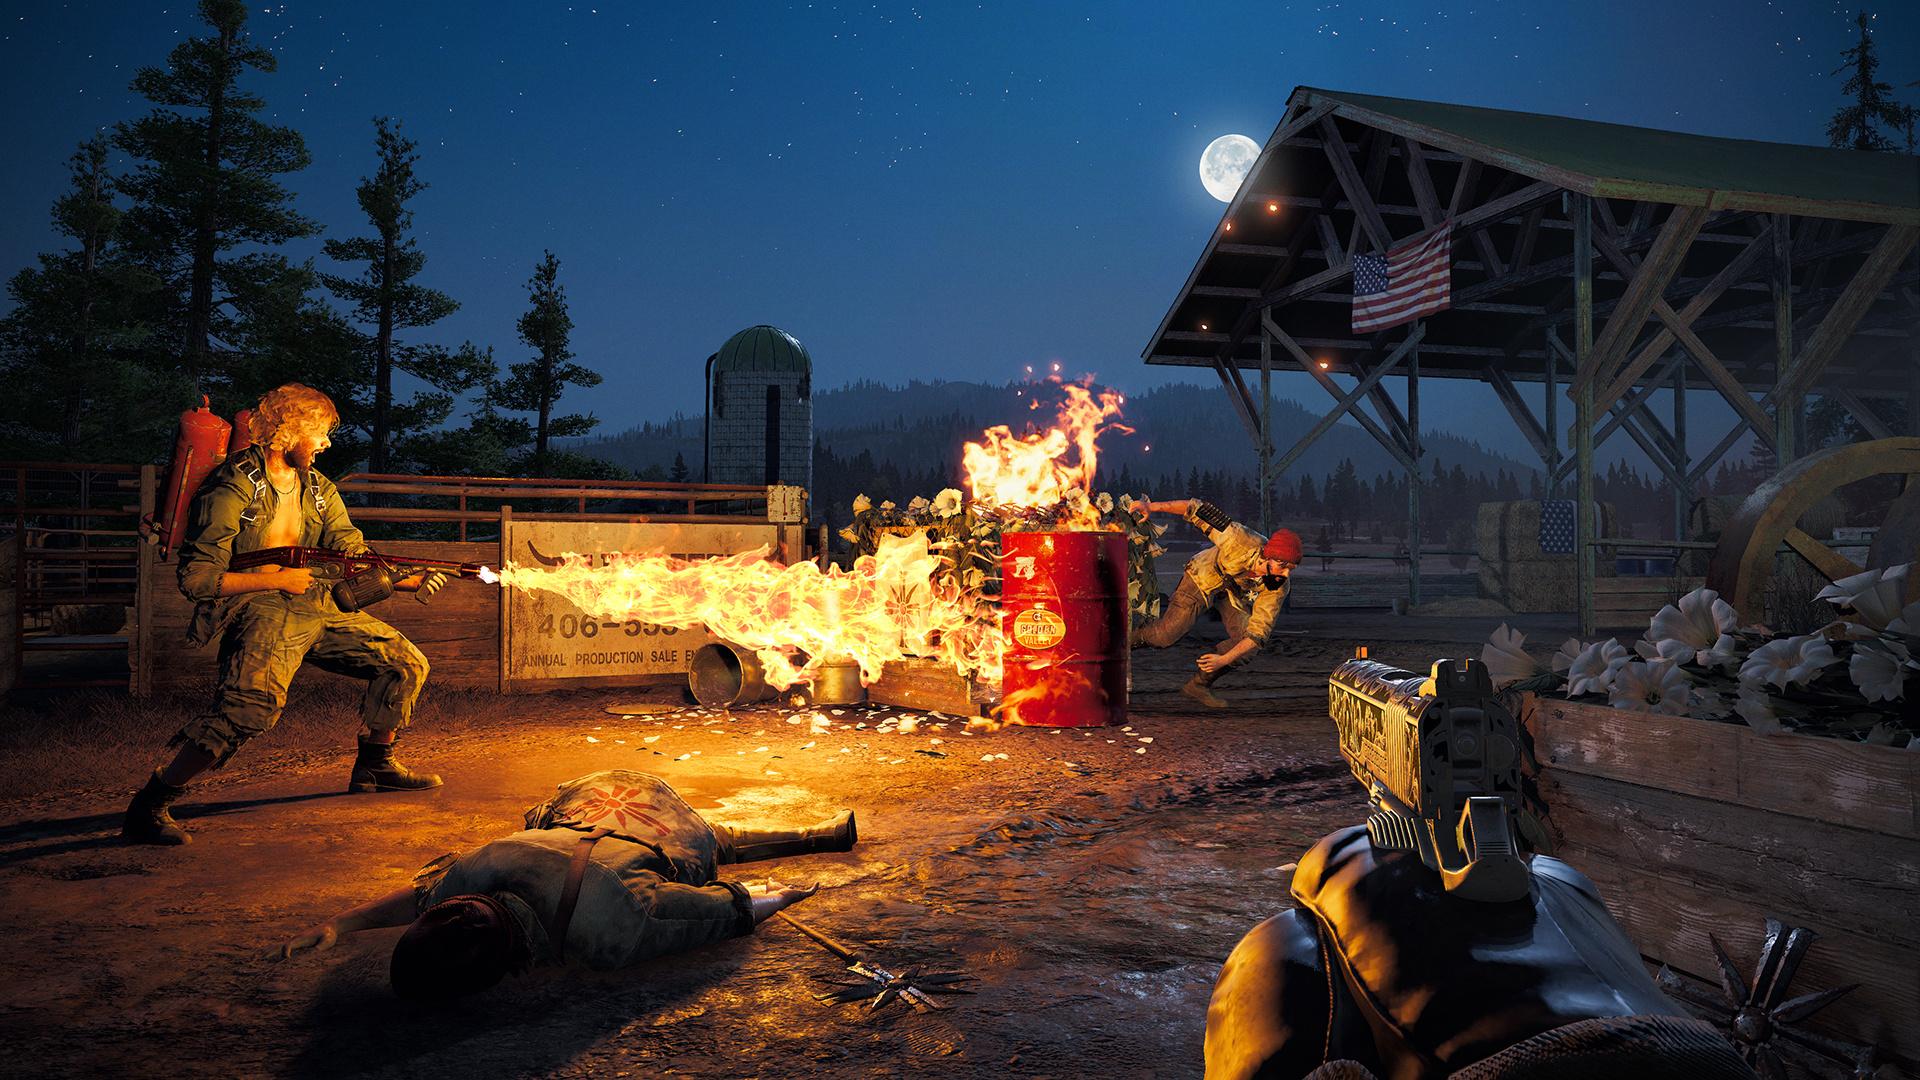 В Steam началась распродажа игр серии Far Cry со скидками до 85%